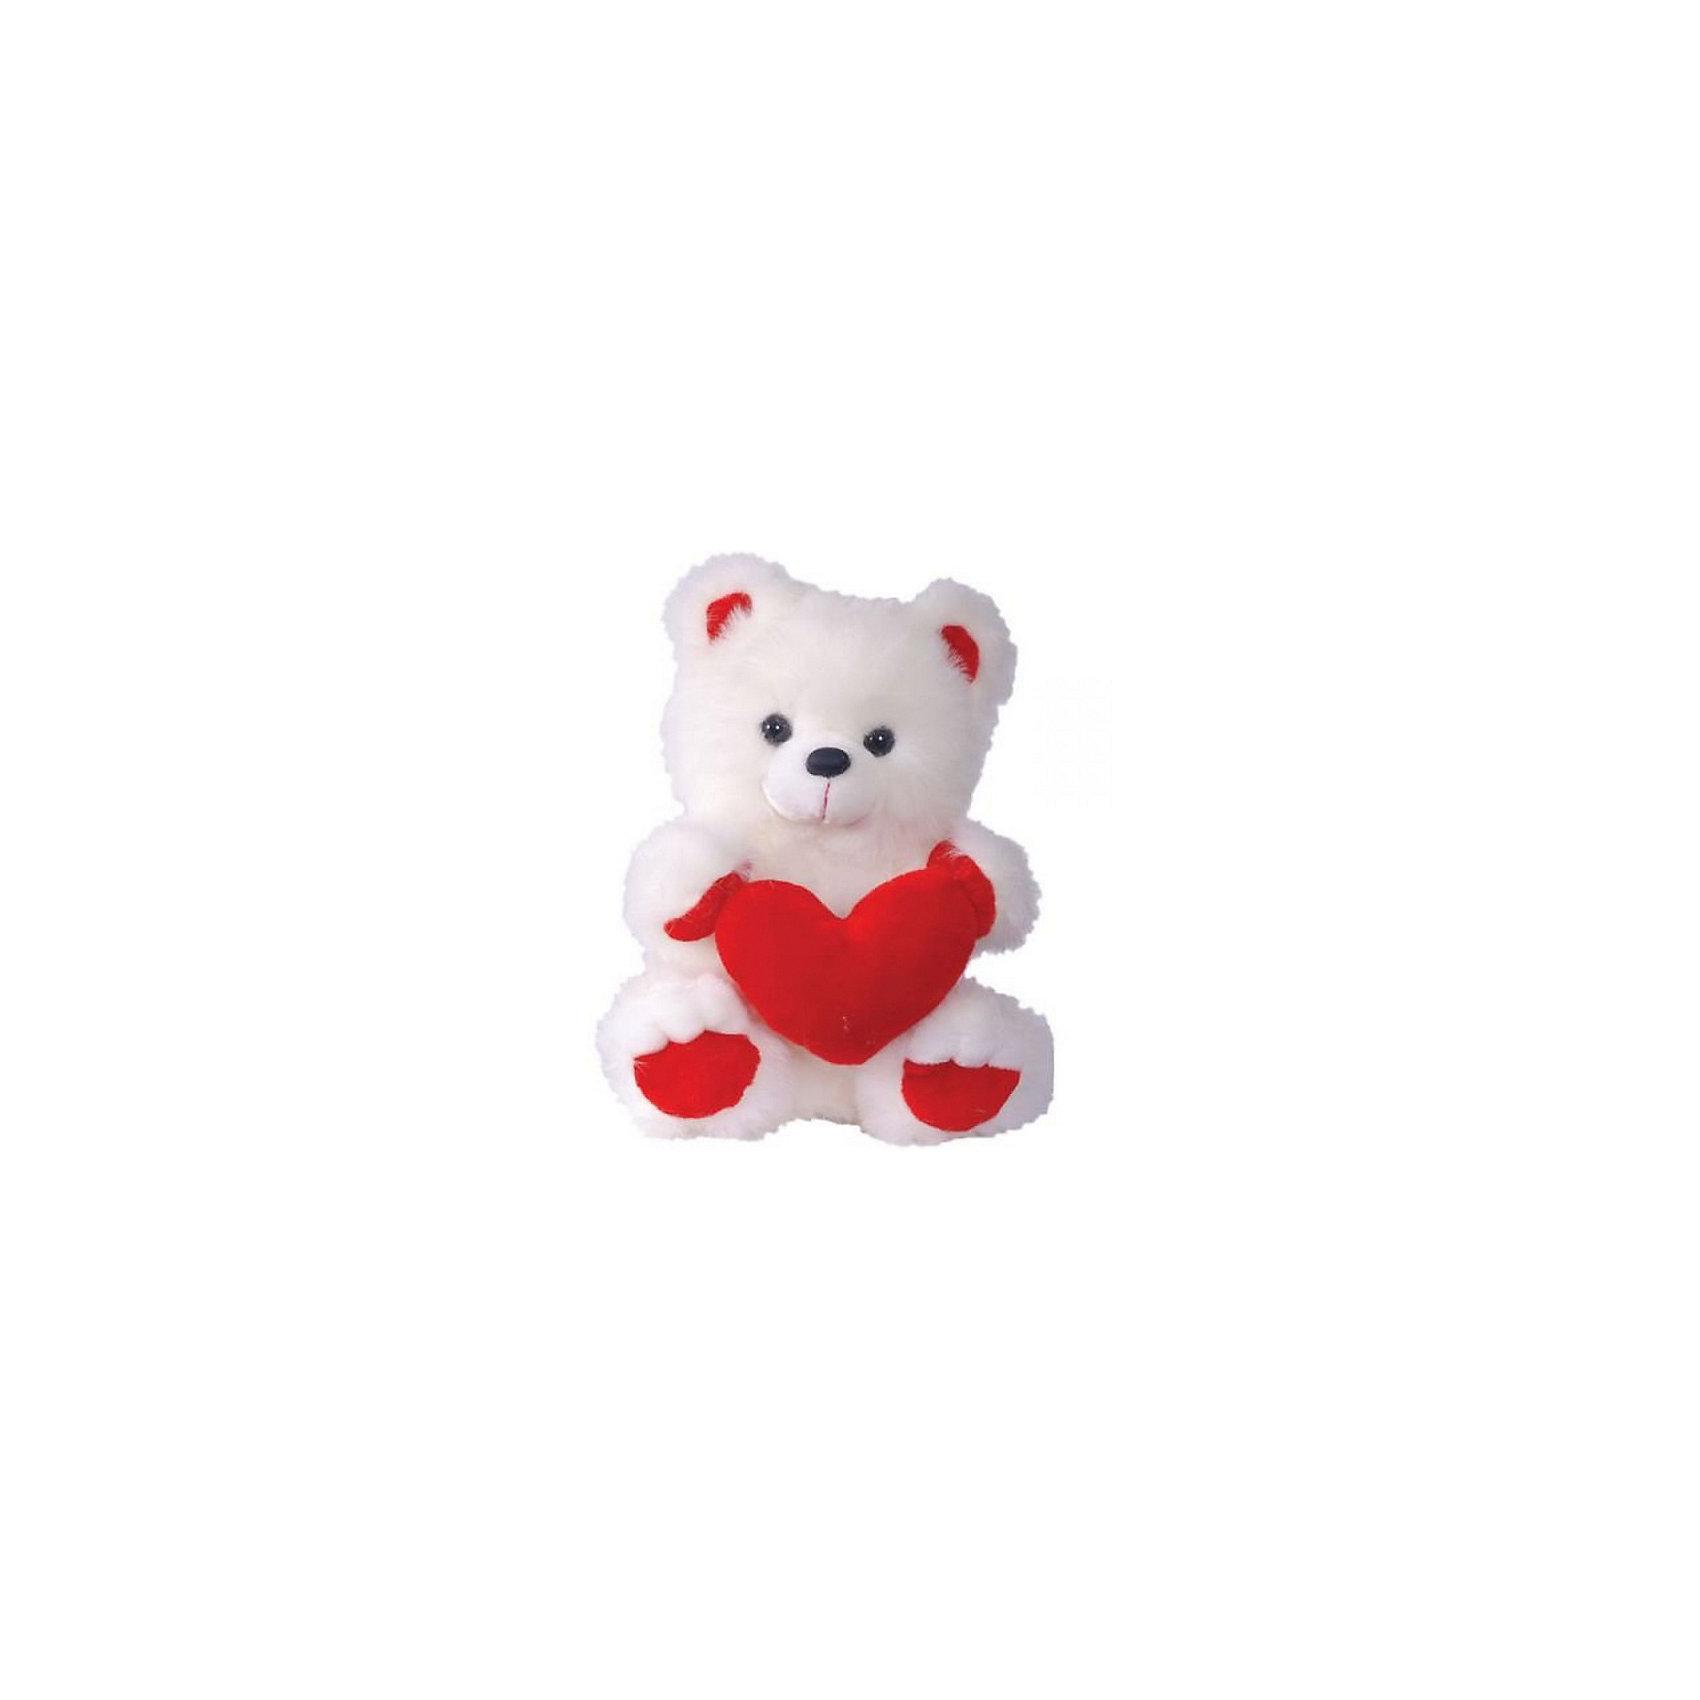 Мягкая игрушка Медведь с сердцем, СмолТойсМедведь с сердцем, СмолТойс - чудесная мягкая игрушка, которая станет приятным сувениром не только детям но и взрослым. У очаровательного мишки белая шерстка, очень мягкая и приятная на ощупь и трогательная мордочка, которая никого не оставит равнодушным. В лапках мишка держит большое красное сердечко. Игрушка выполнена из гипоаллергенных материалов и совершенно безопасна для детей. <br><br>Дополнительная информация:<br><br>- Материал: искусственный мех, текстиль.<br>- Высота игрушки: 42 см.<br>- Размер игрушки: 25 х 32 х 42 см.<br>- Размер упаковки: 36 х 30 х 25 см.<br>- Вес: 0,5 кг. <br><br>Мягкую игрушку Медведь с сердцем, СмолТойс, можно купить в нашем интернет-магазине.<br><br>Ширина мм: 250<br>Глубина мм: 320<br>Высота мм: 420<br>Вес г: 500<br>Возраст от месяцев: 36<br>Возраст до месяцев: 50400<br>Пол: Унисекс<br>Возраст: Детский<br>SKU: 4540582